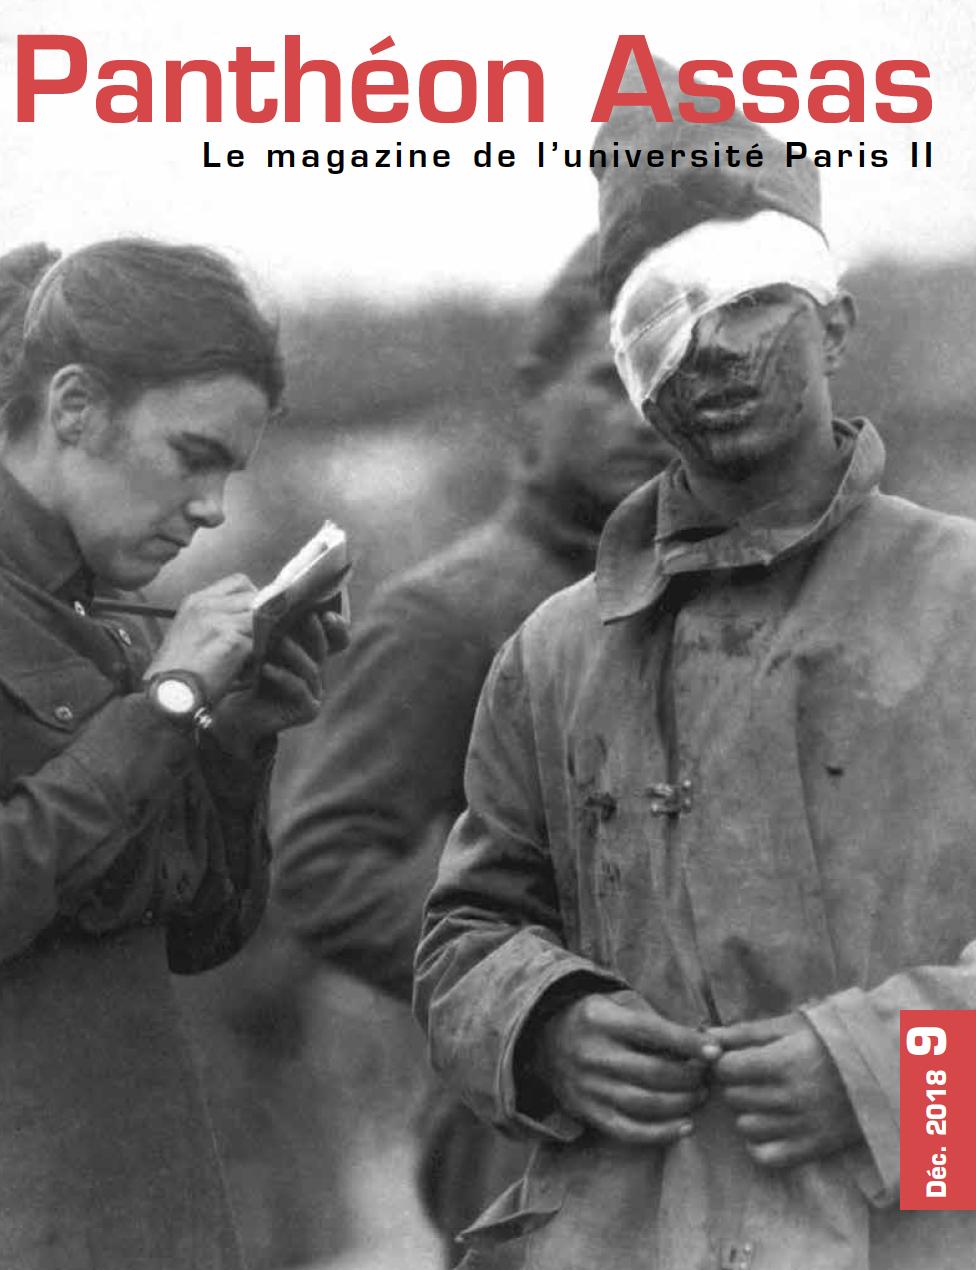 Couverture du magazine Panthéon-Assas, numéro 9 - décembre 2018